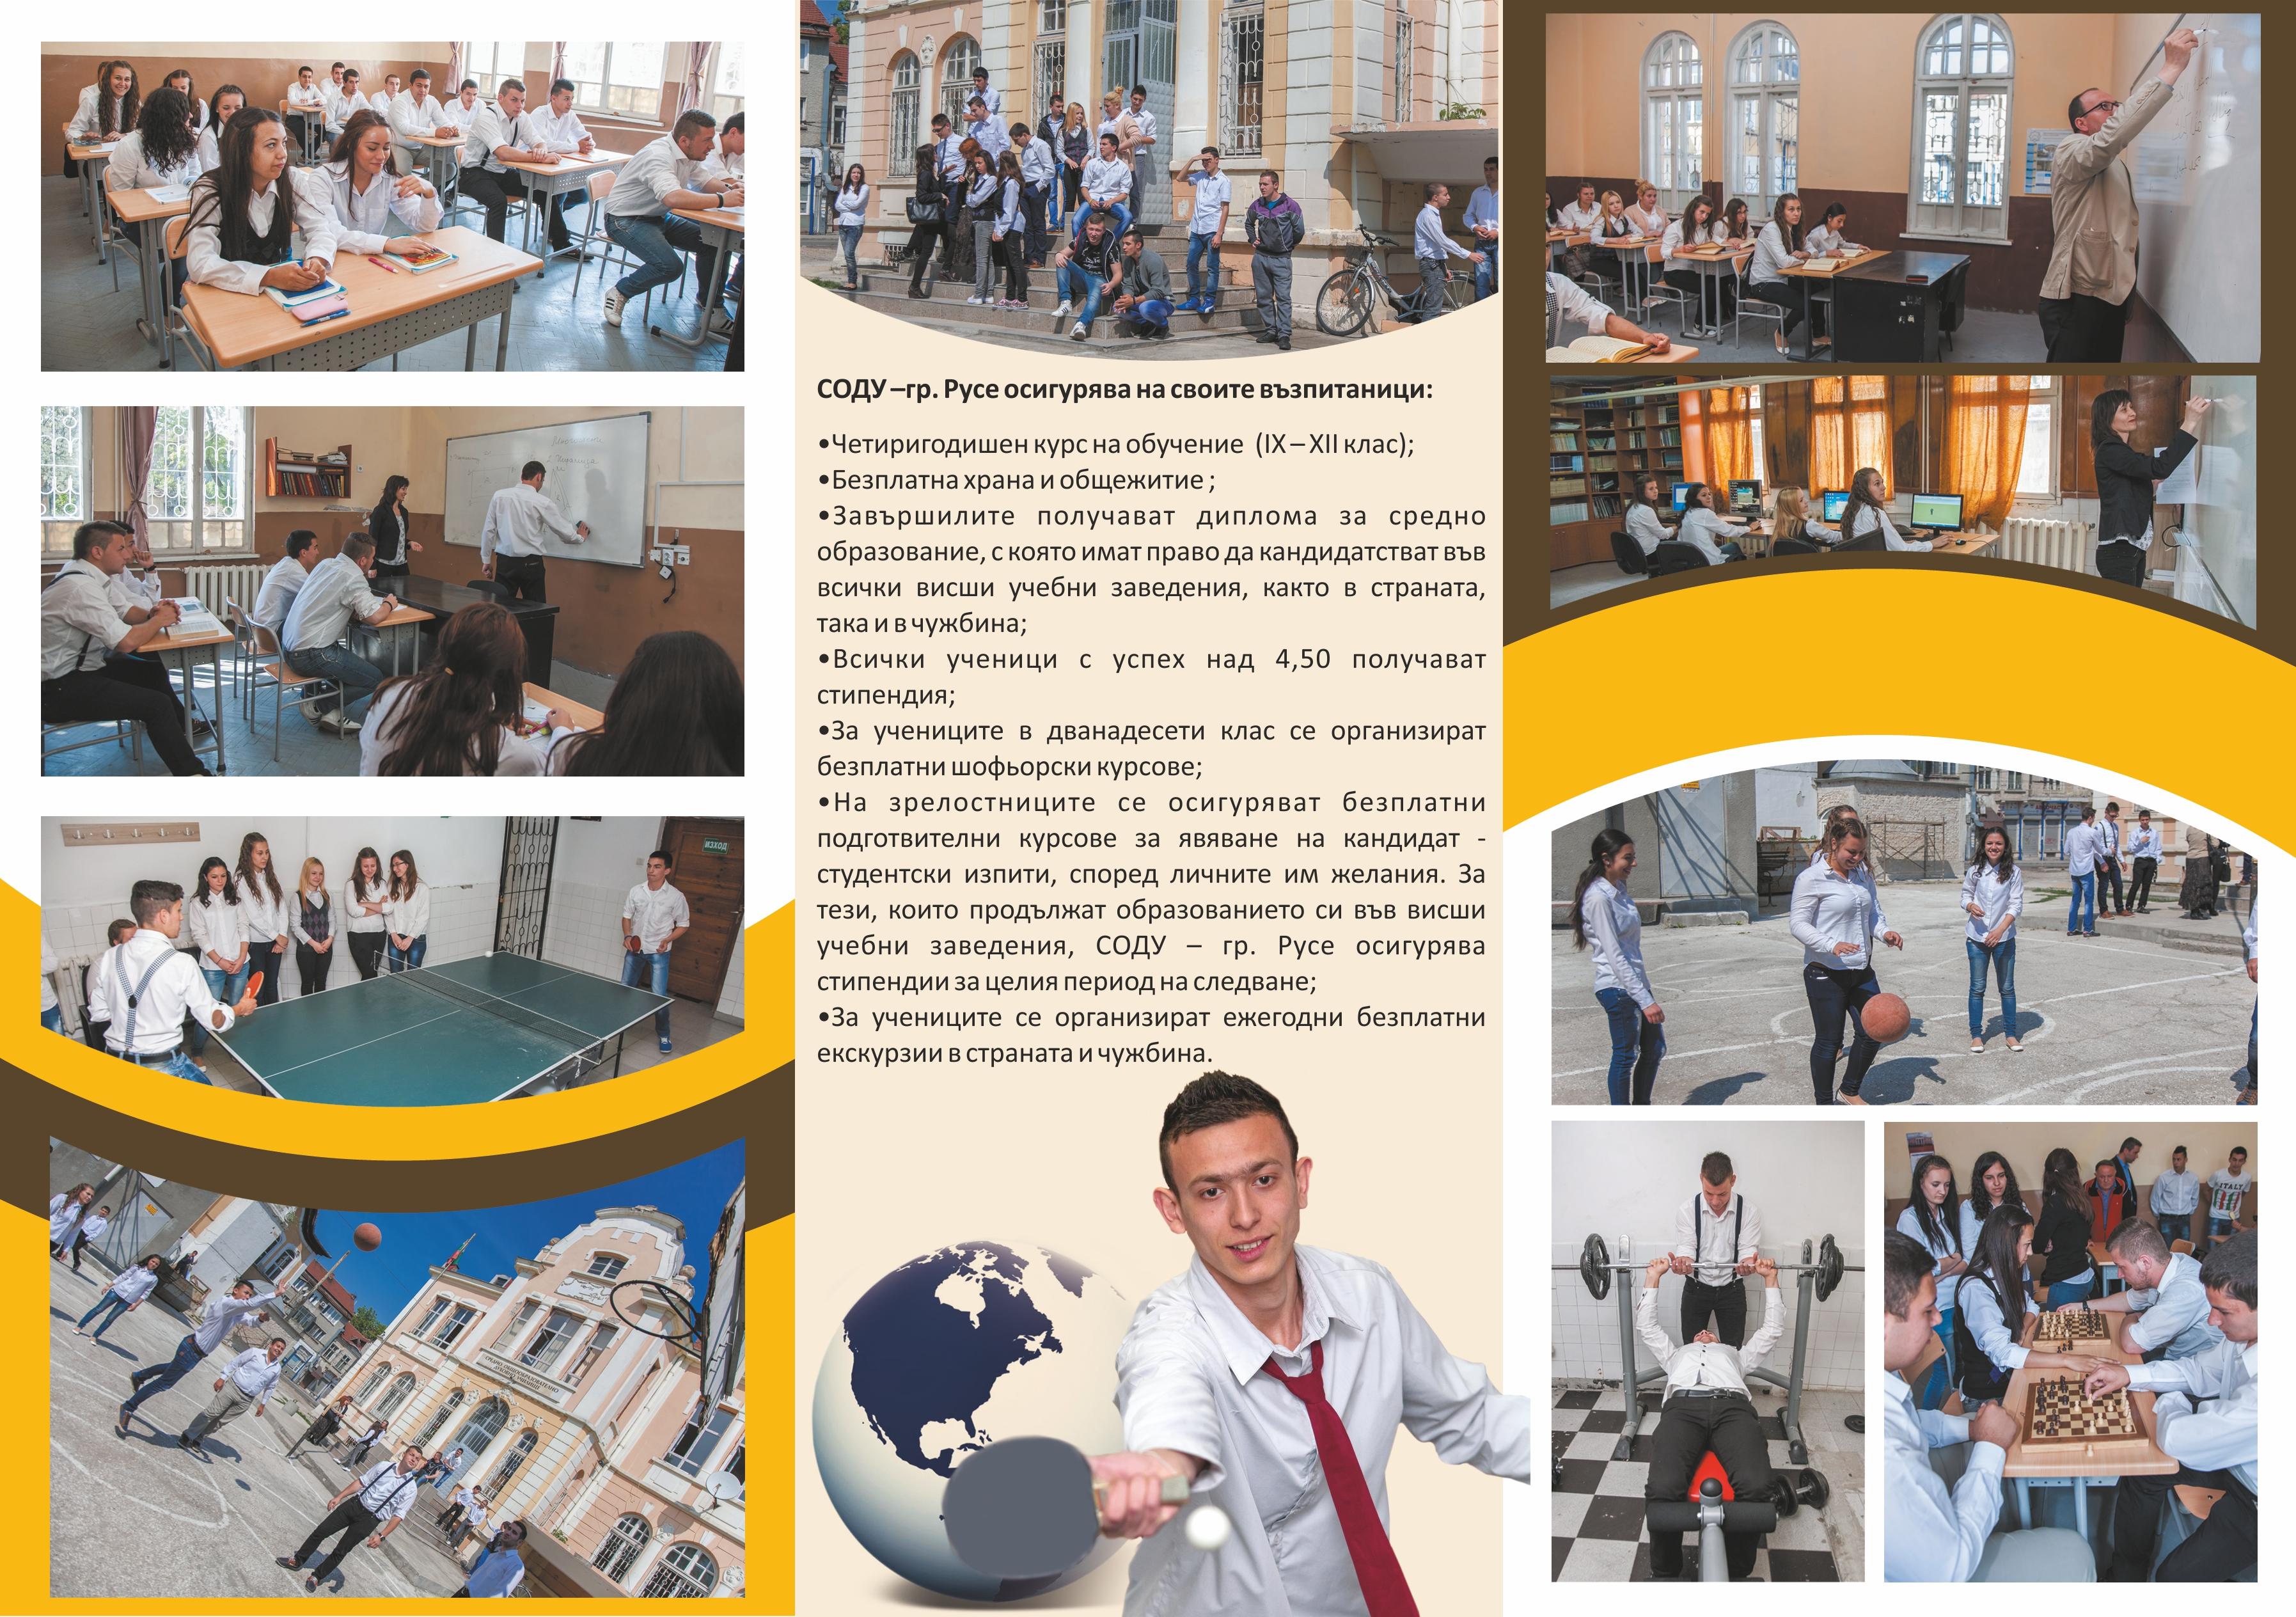 broshura SODU 2016 - 2